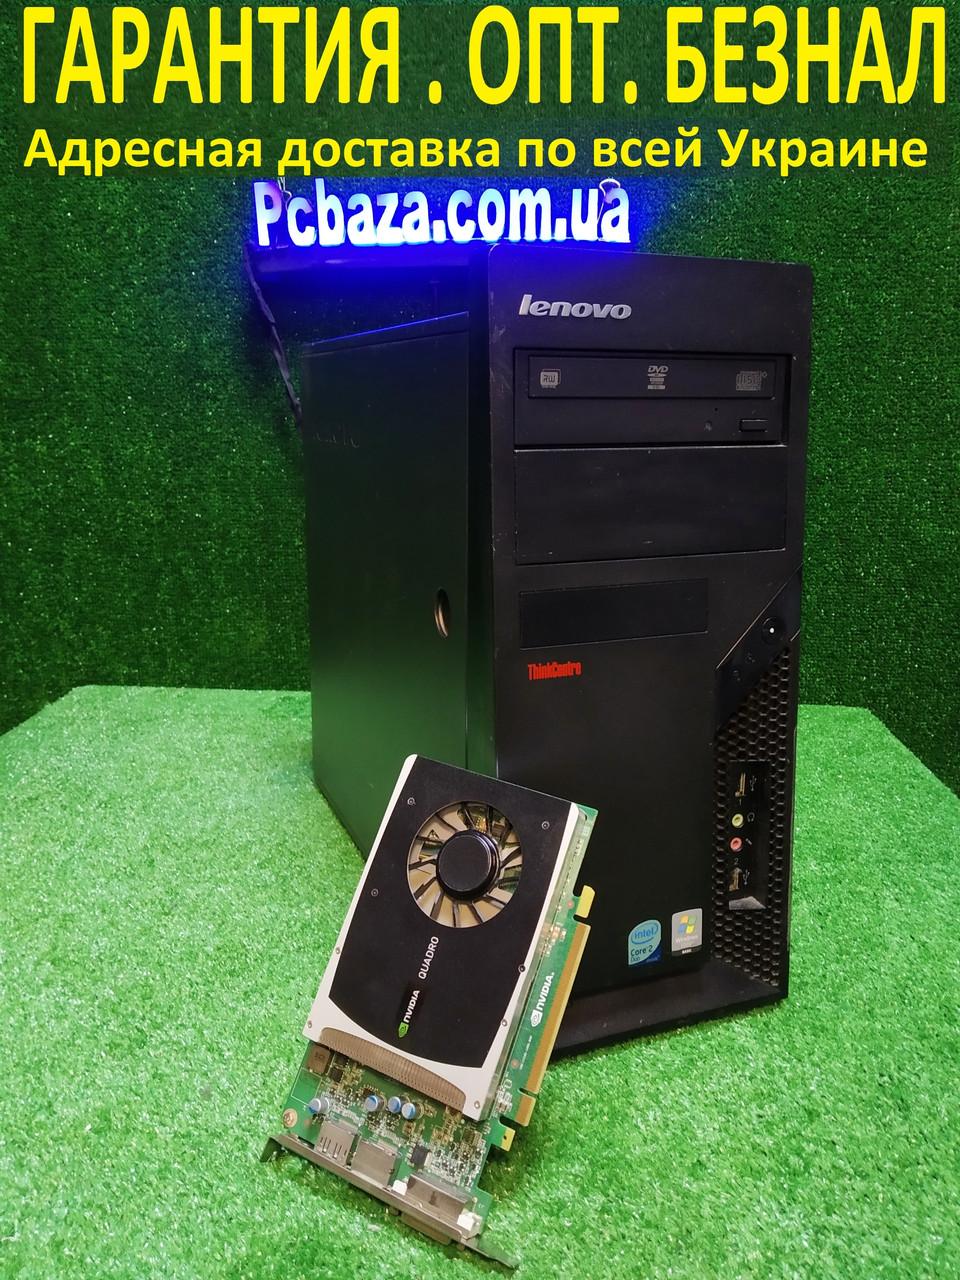 Игровой Компьютер Lenovo a55 Intel 4 ядра, 4GB ОЗУ, 500GB HDD, Quadro 2000 1 GB, Настроен и готов к работе!